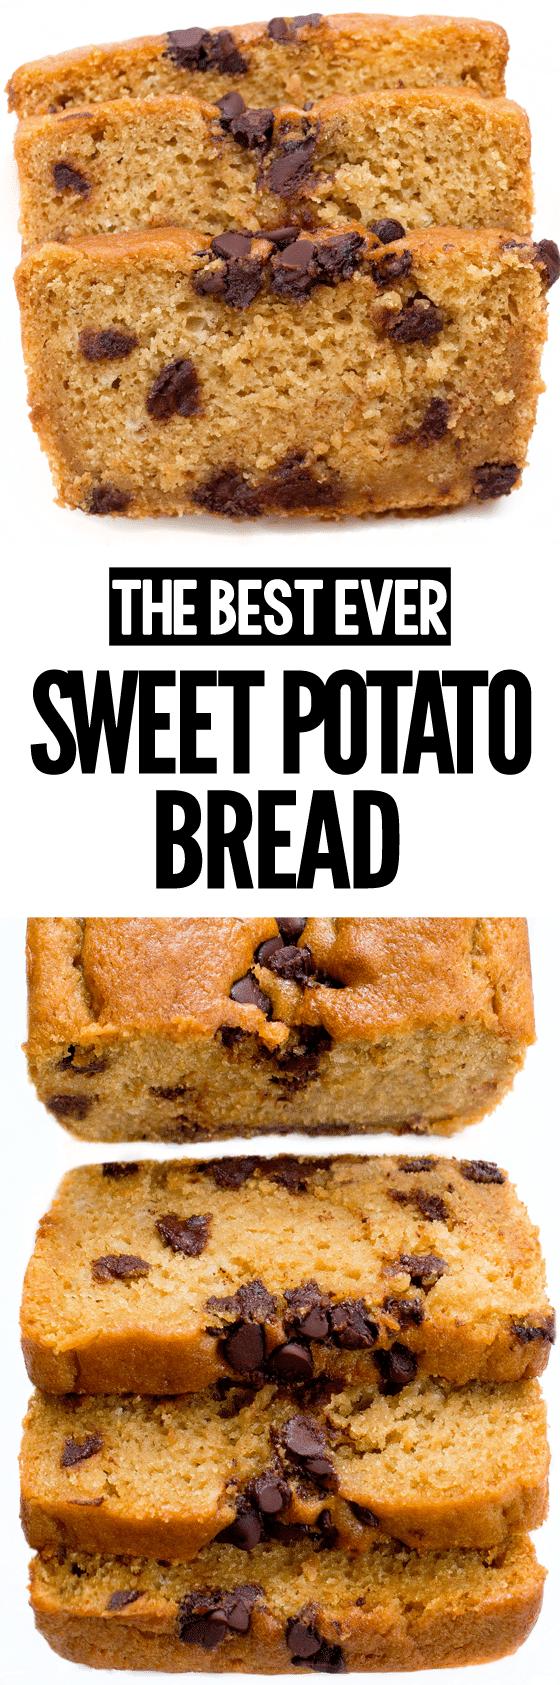 The Best Sweet Potato Bread Recipe